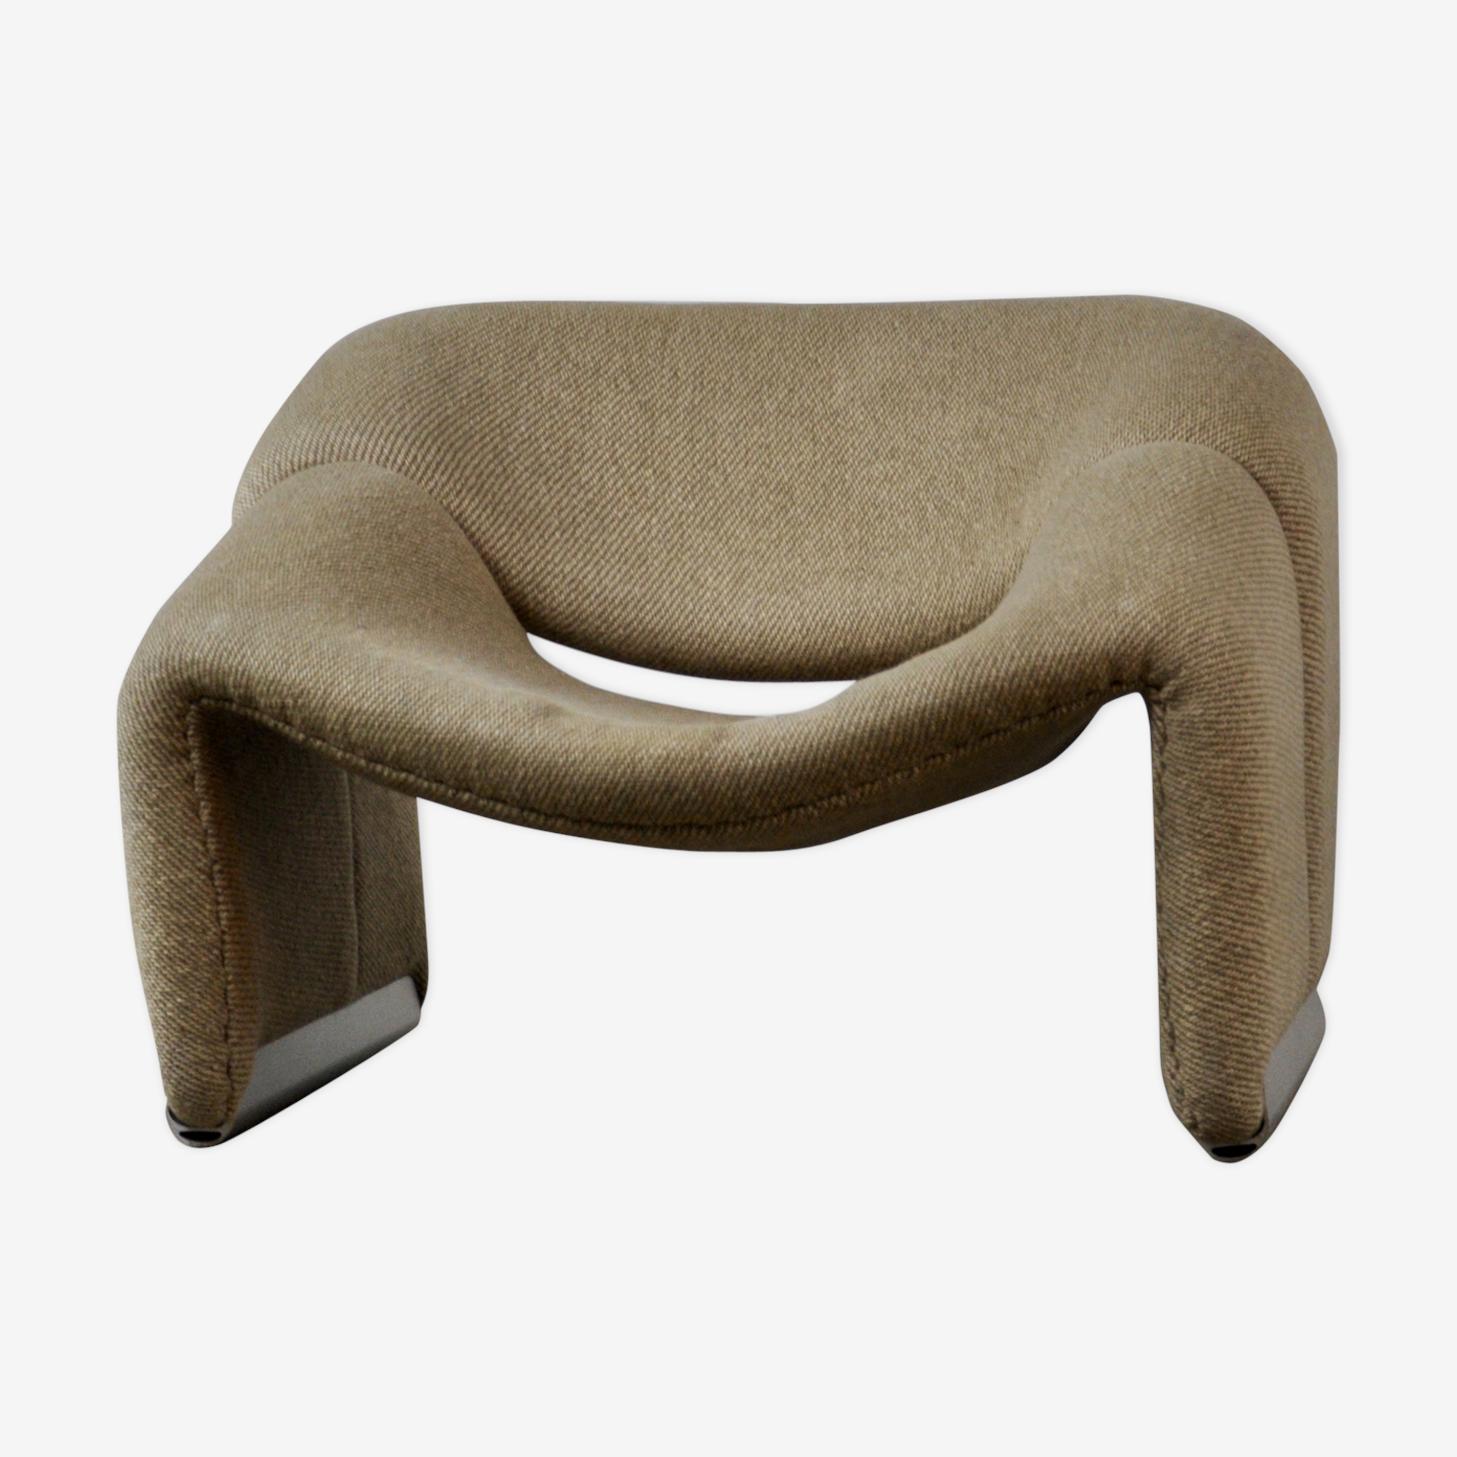 Groovy armchair F598 by Pierre Paulin for Artifort 1970